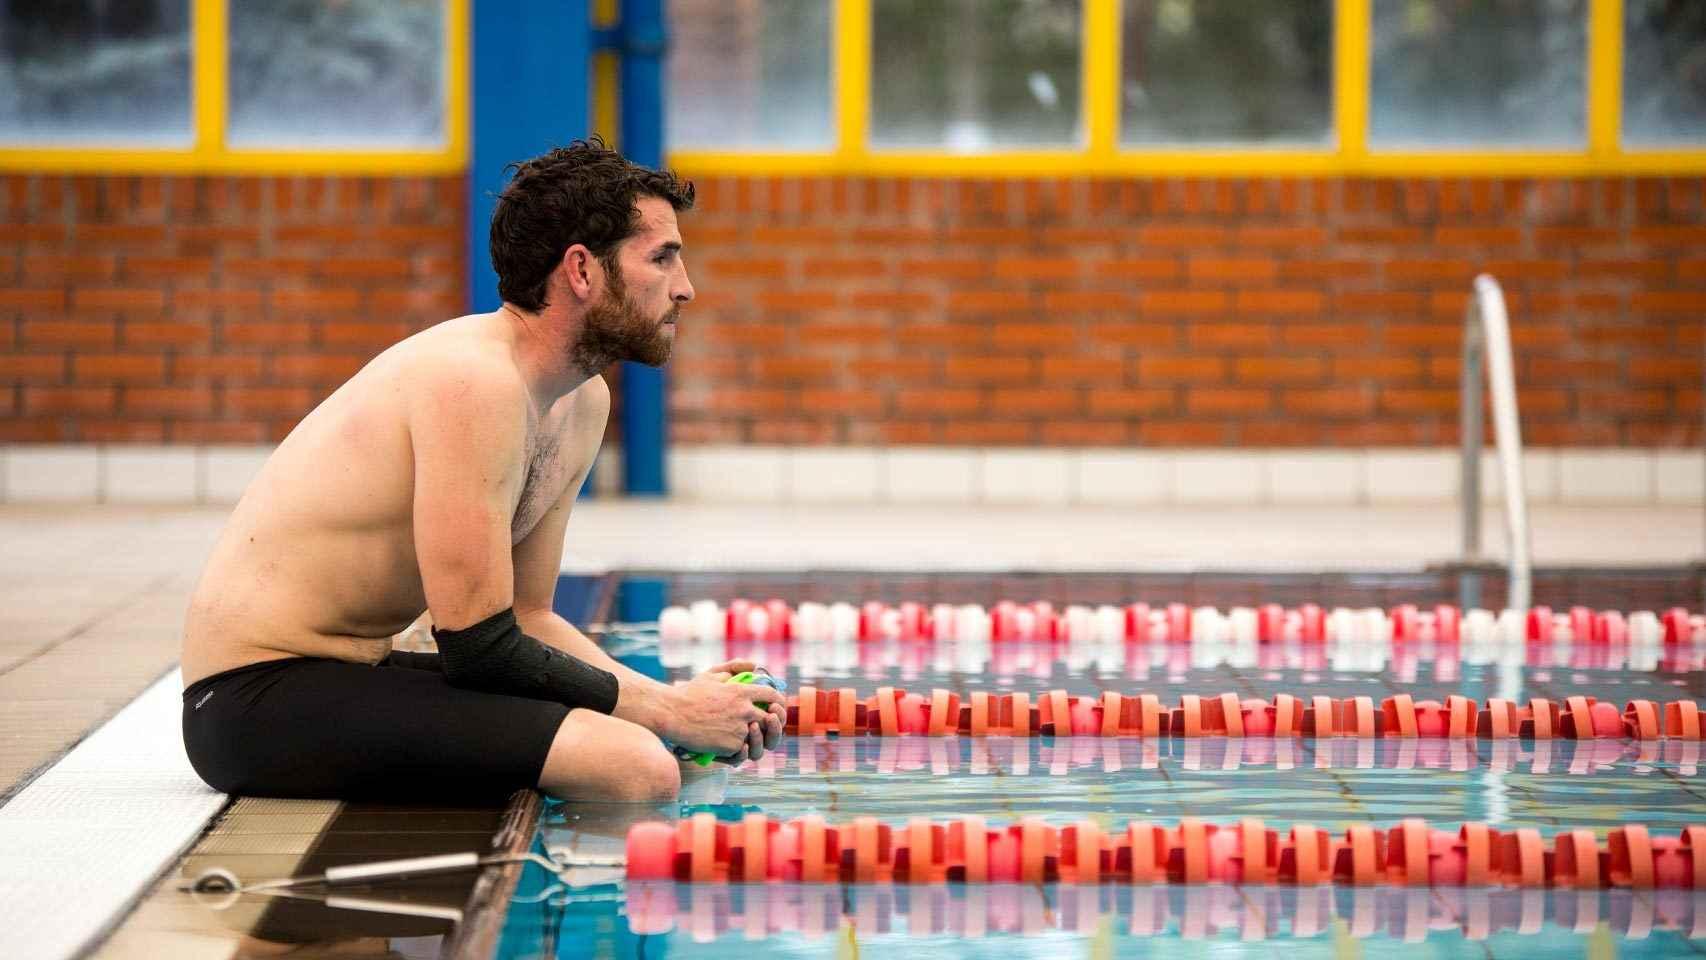 Jota, en la piscina, tras el entrenamiento.